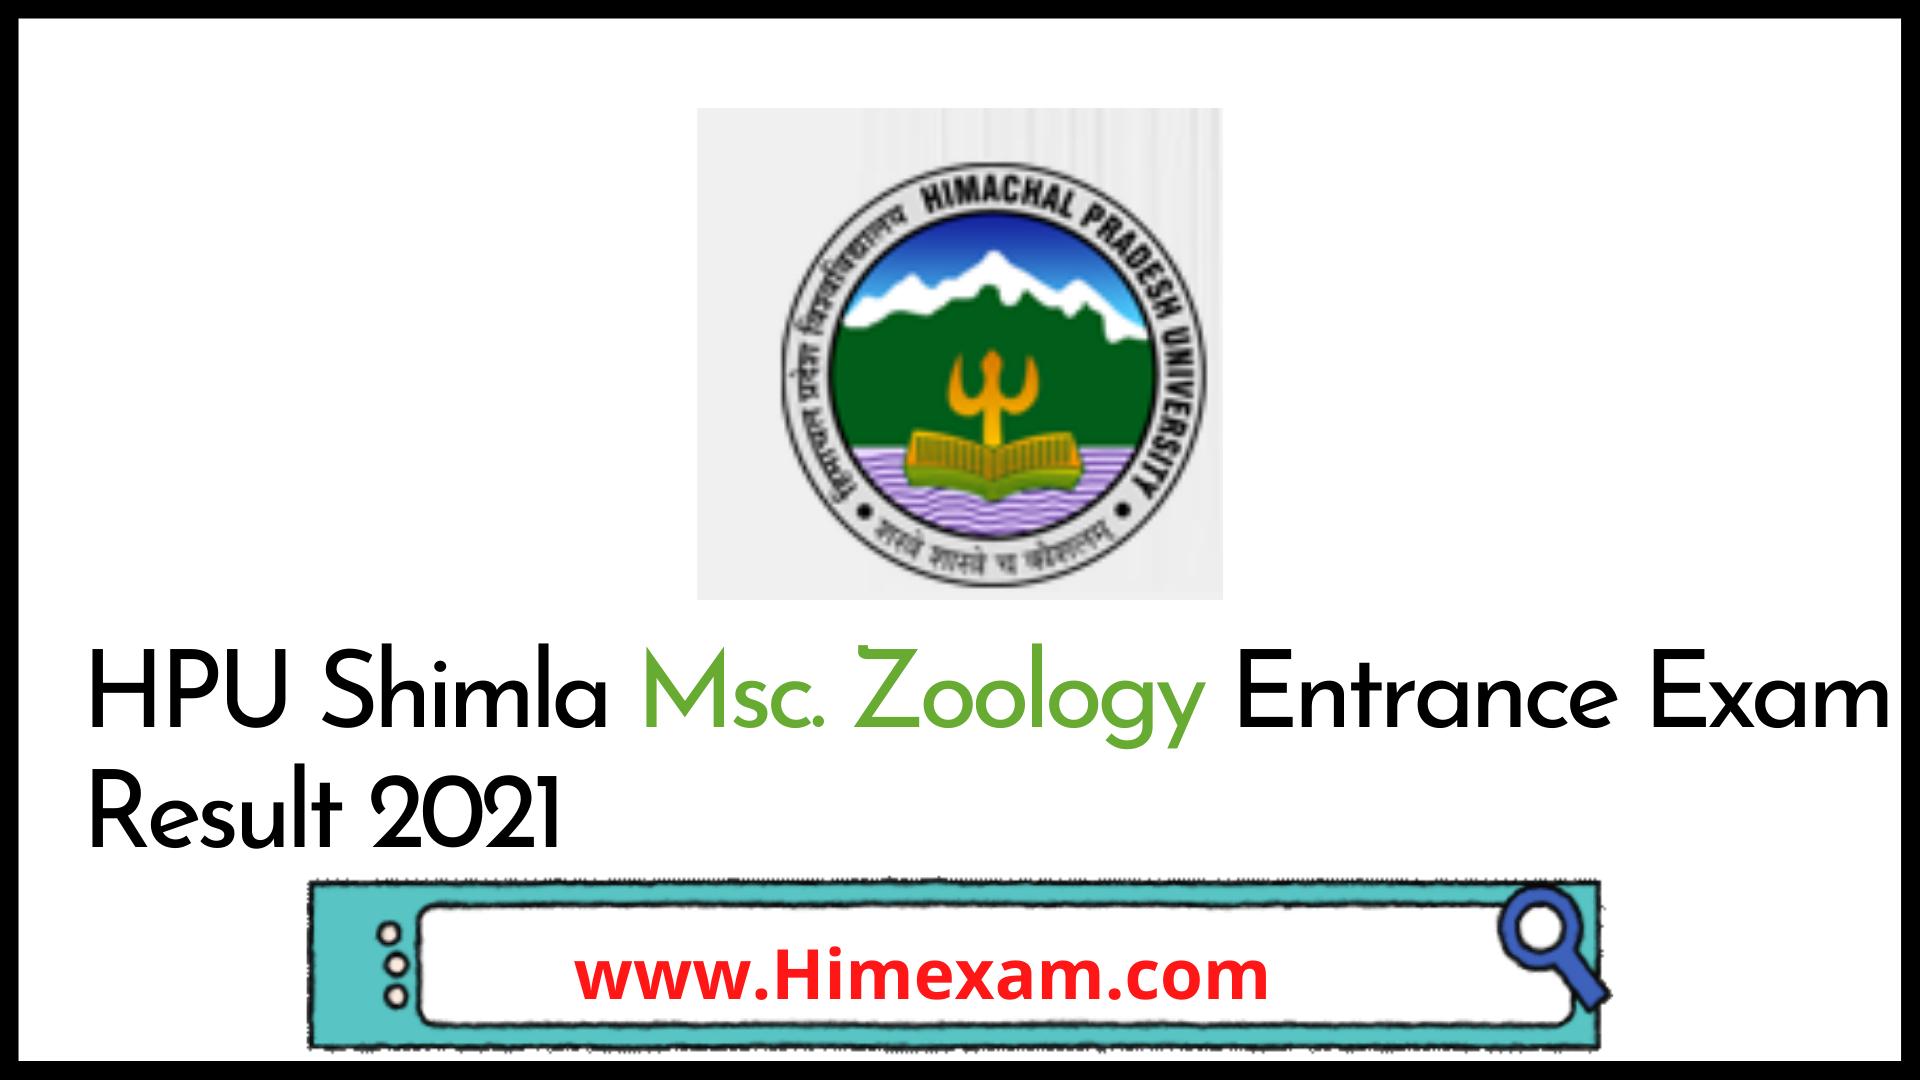 HPU Shimla Zoology Entrance Exam Result 2021